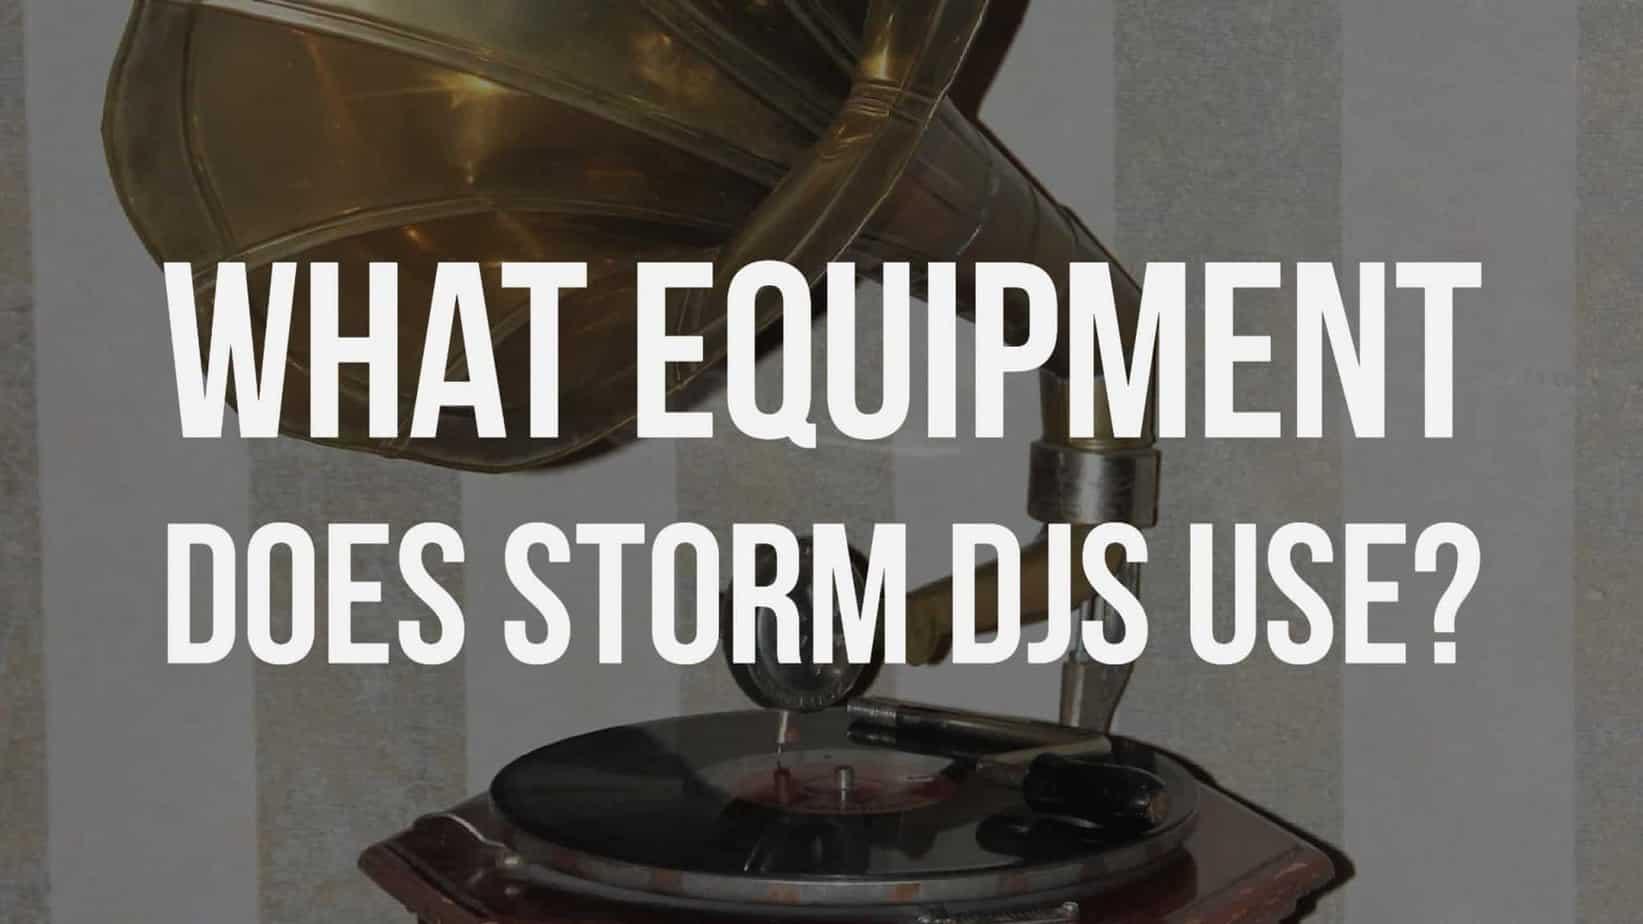 Storm DJs Equipment